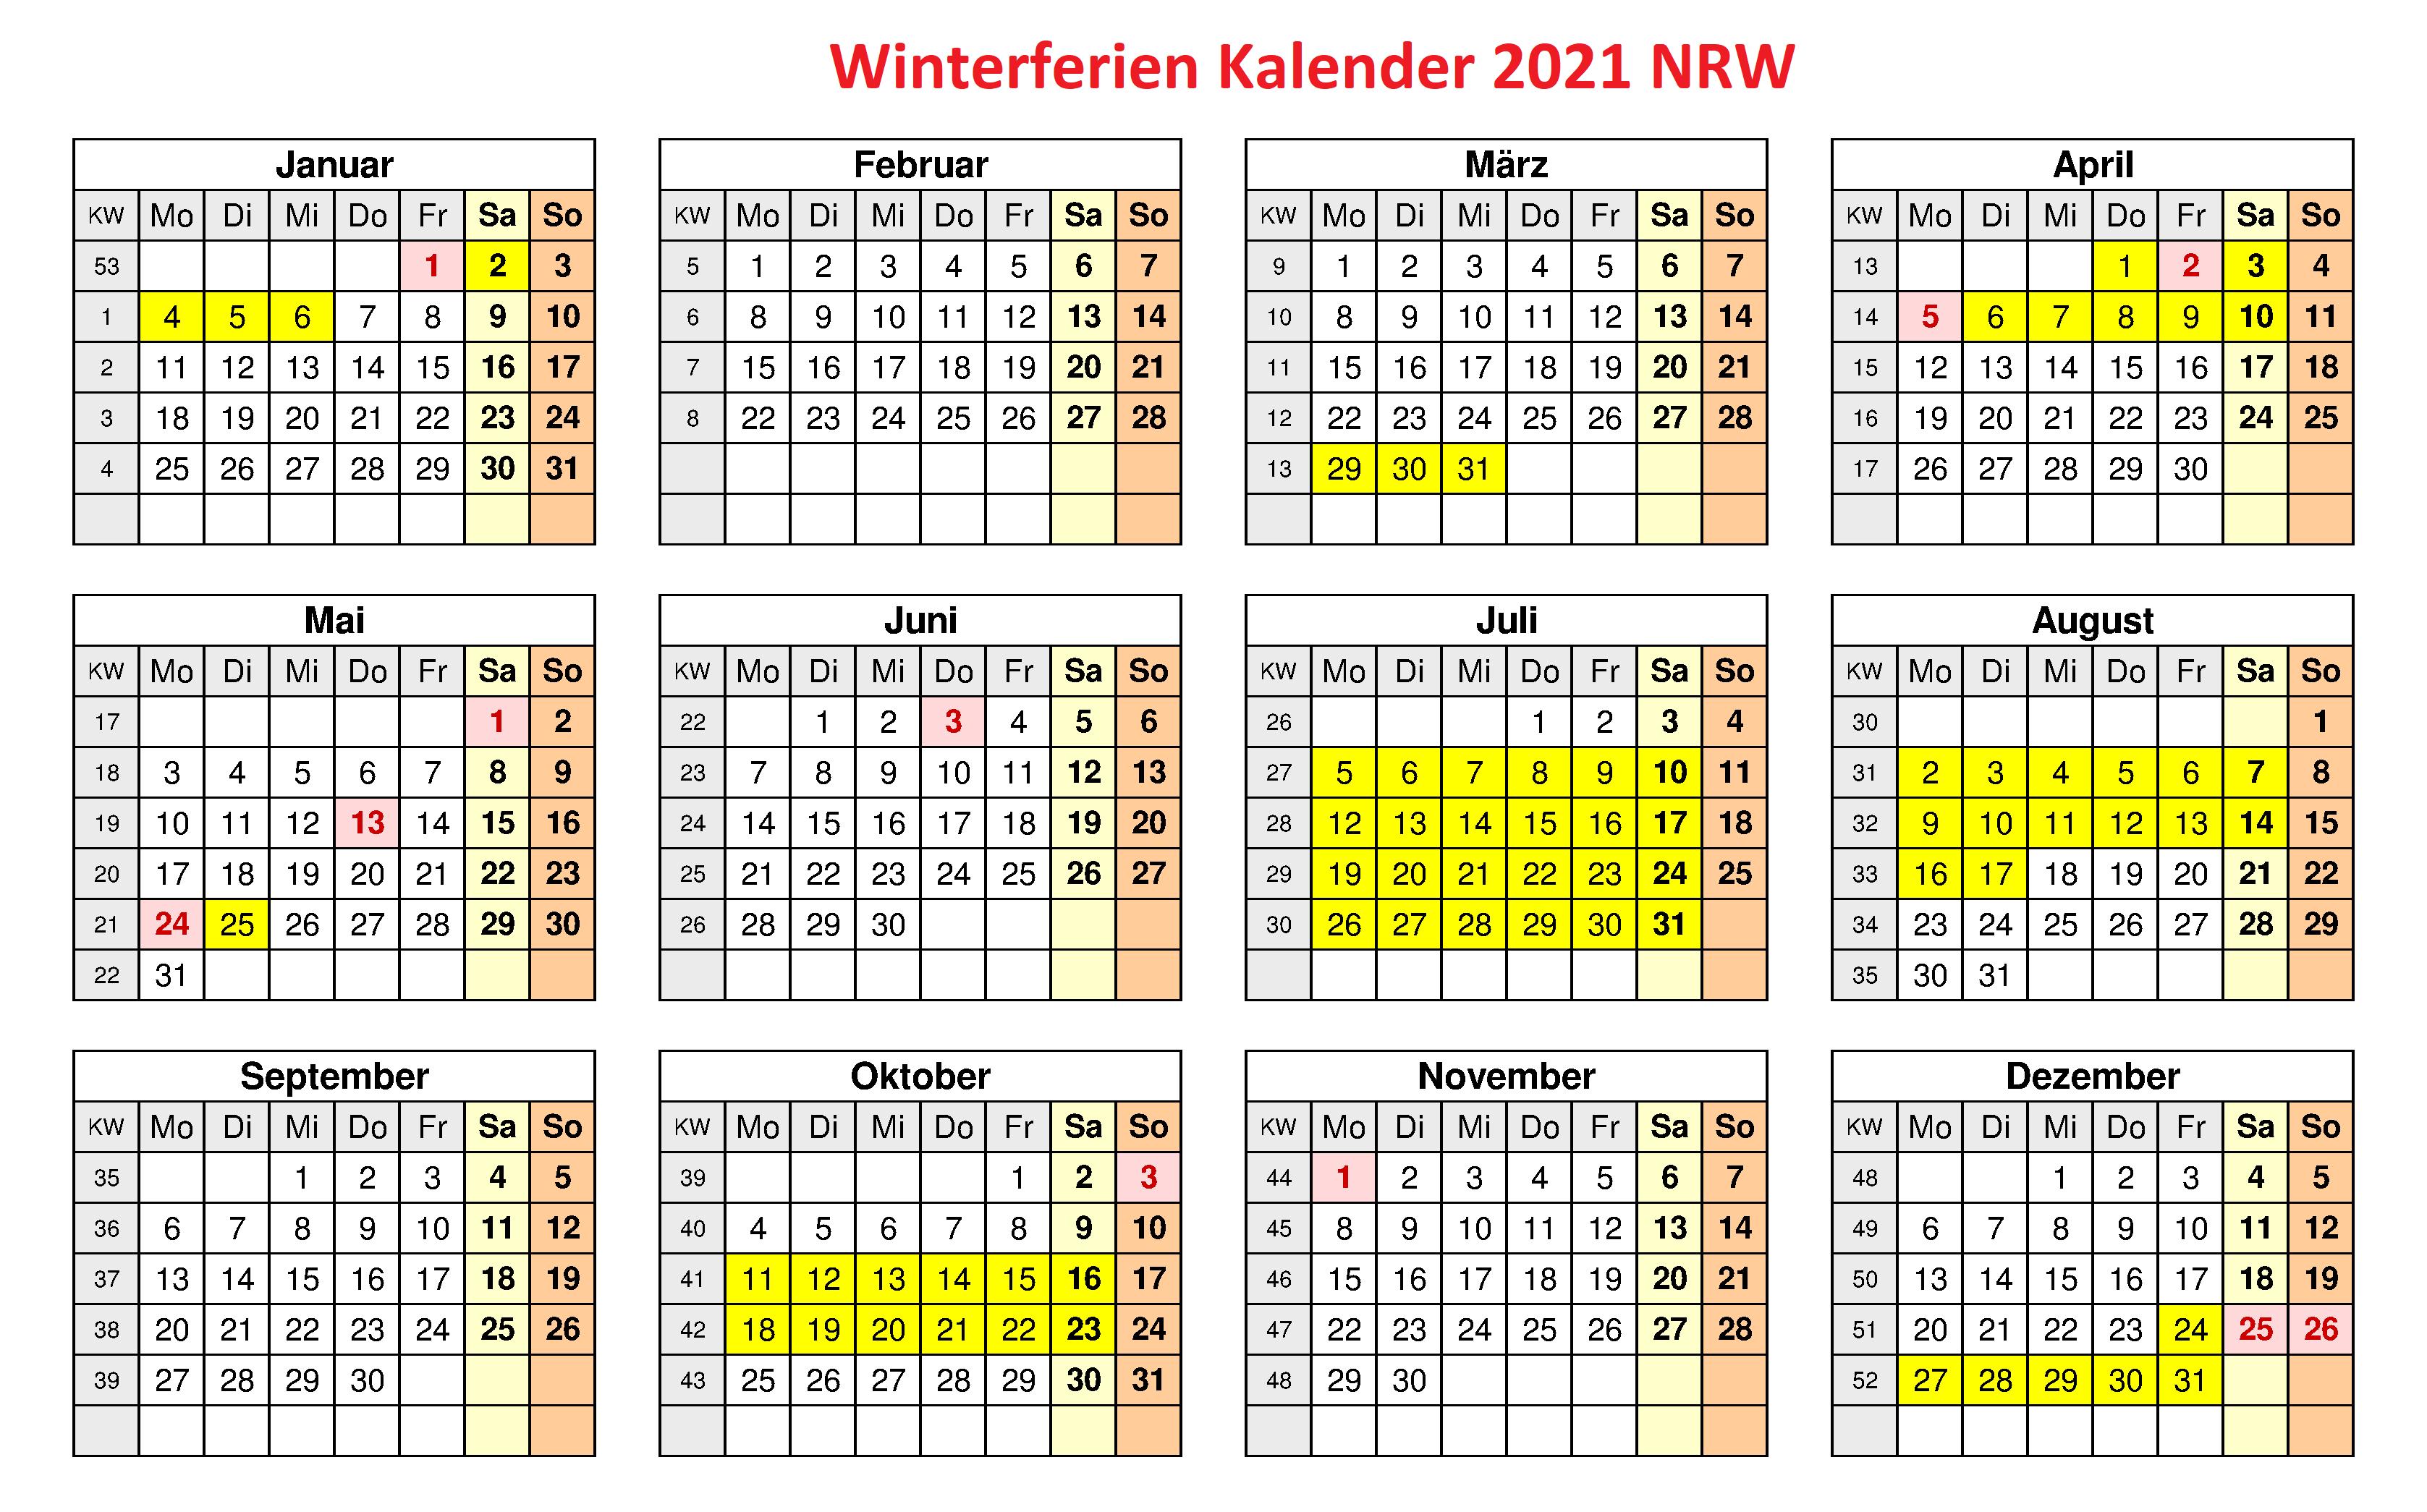 WinterferienKalender 2021 NRW Zum Ausdrucken